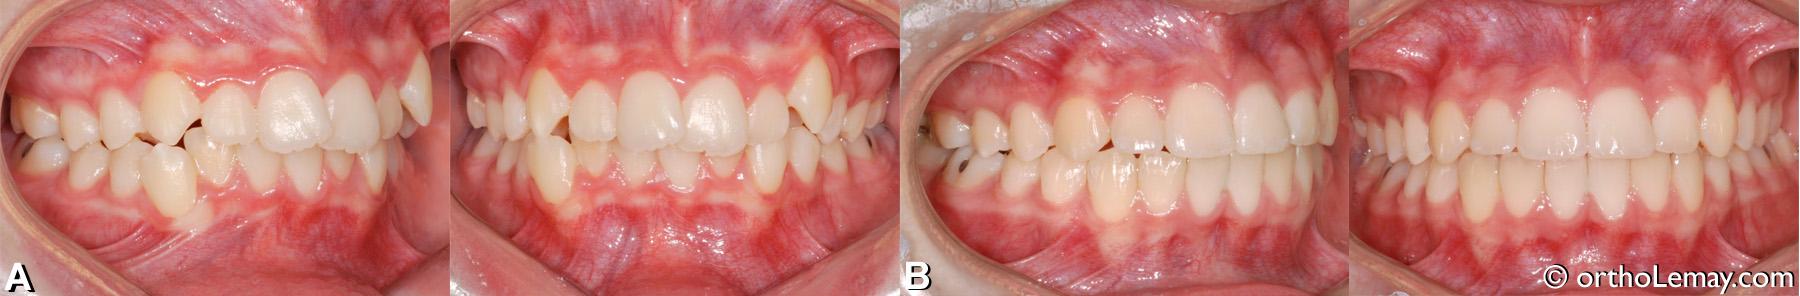 Correction en orthodontie d'une malocclusion dentaire classe 2 (II) avec chevauchement dentaire et déviation les lignes médianes chez un adolescent.